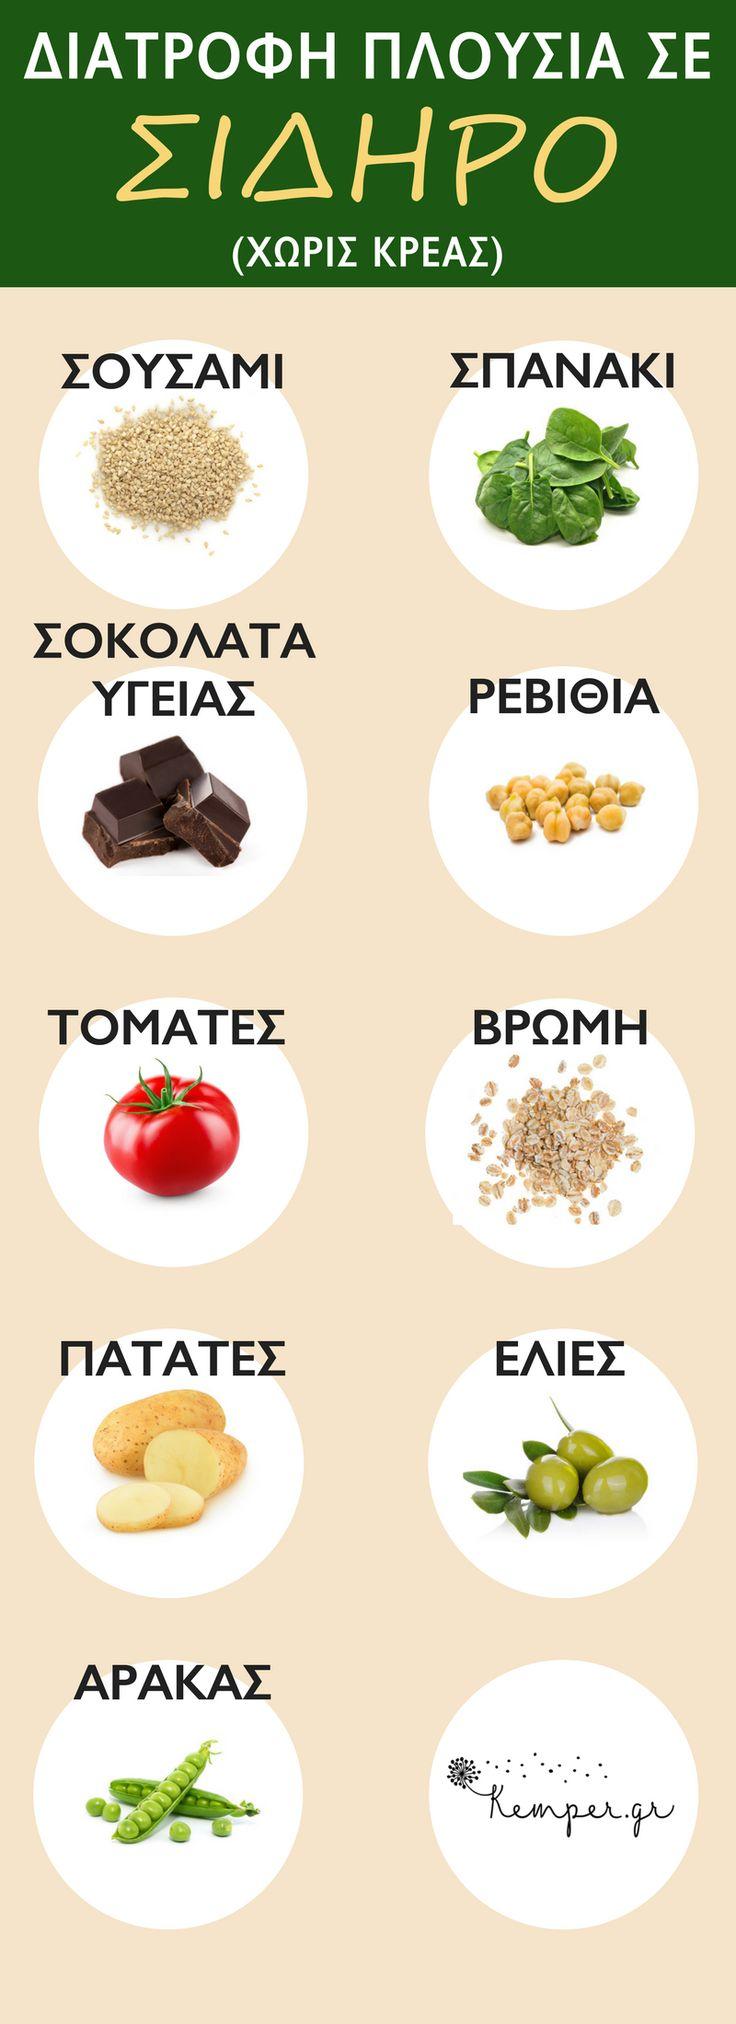 #νυστισιμα_φαγητα #διατροφη #σιδηρο | ΔΙΑΤΡΟΦΗ ΠΛΟΥΣΙΑ ΣΕ ΣΙΔΗΡΟ ΧΩΡΙΣ ΚΡΕΑΣ